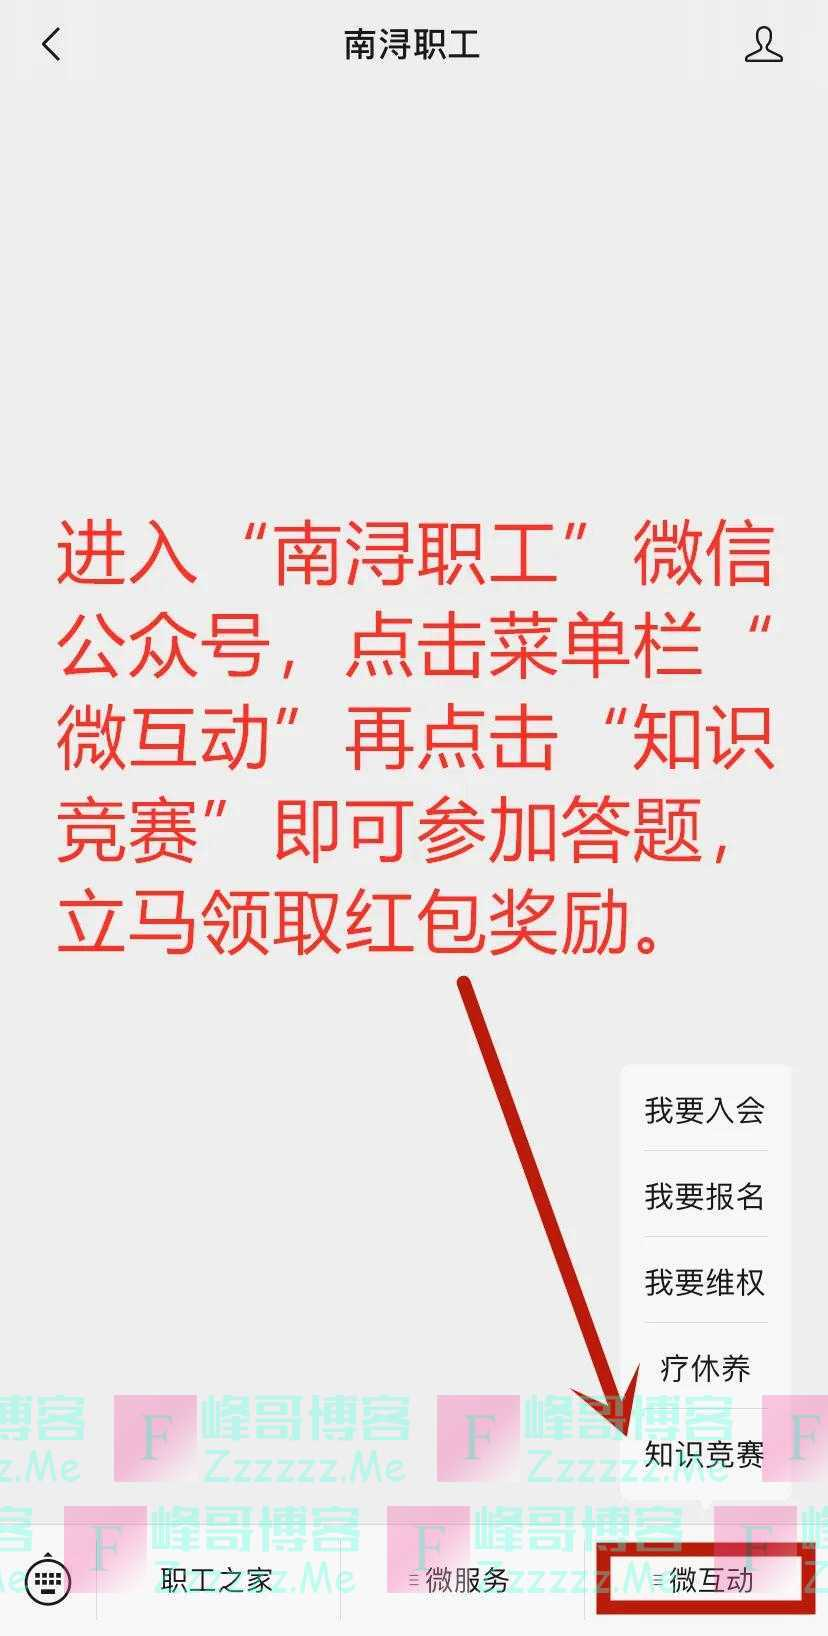 南浔职工保障农民工工资支付条例有奖知识竞赛(截止5月6日)